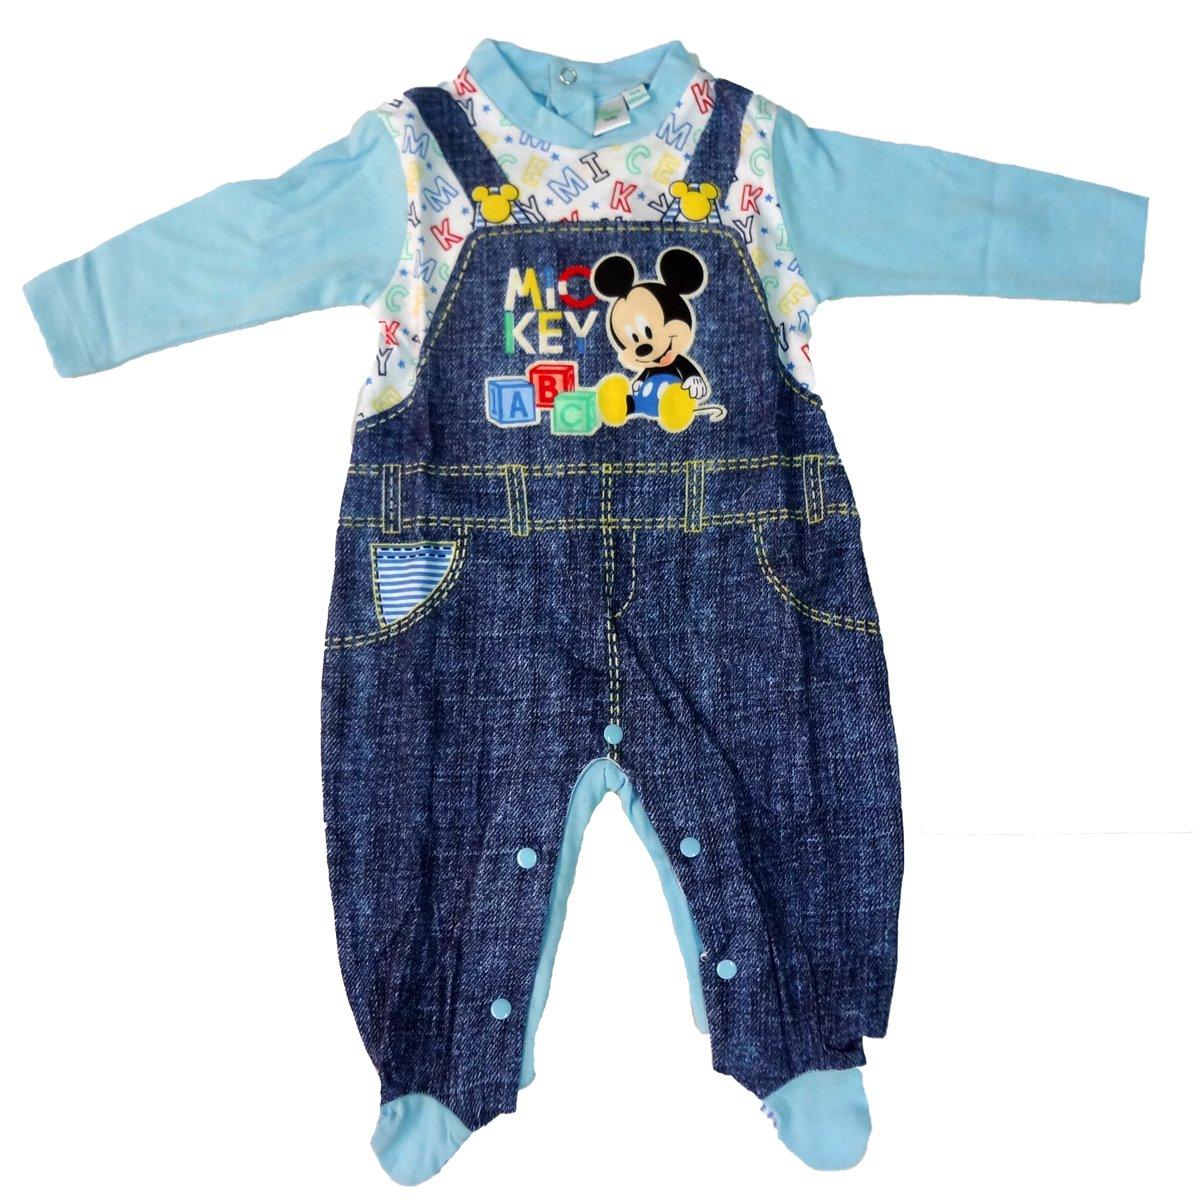 tutina neonato con piedino in cotone jersey MICKEY topolino disney art. WD101281